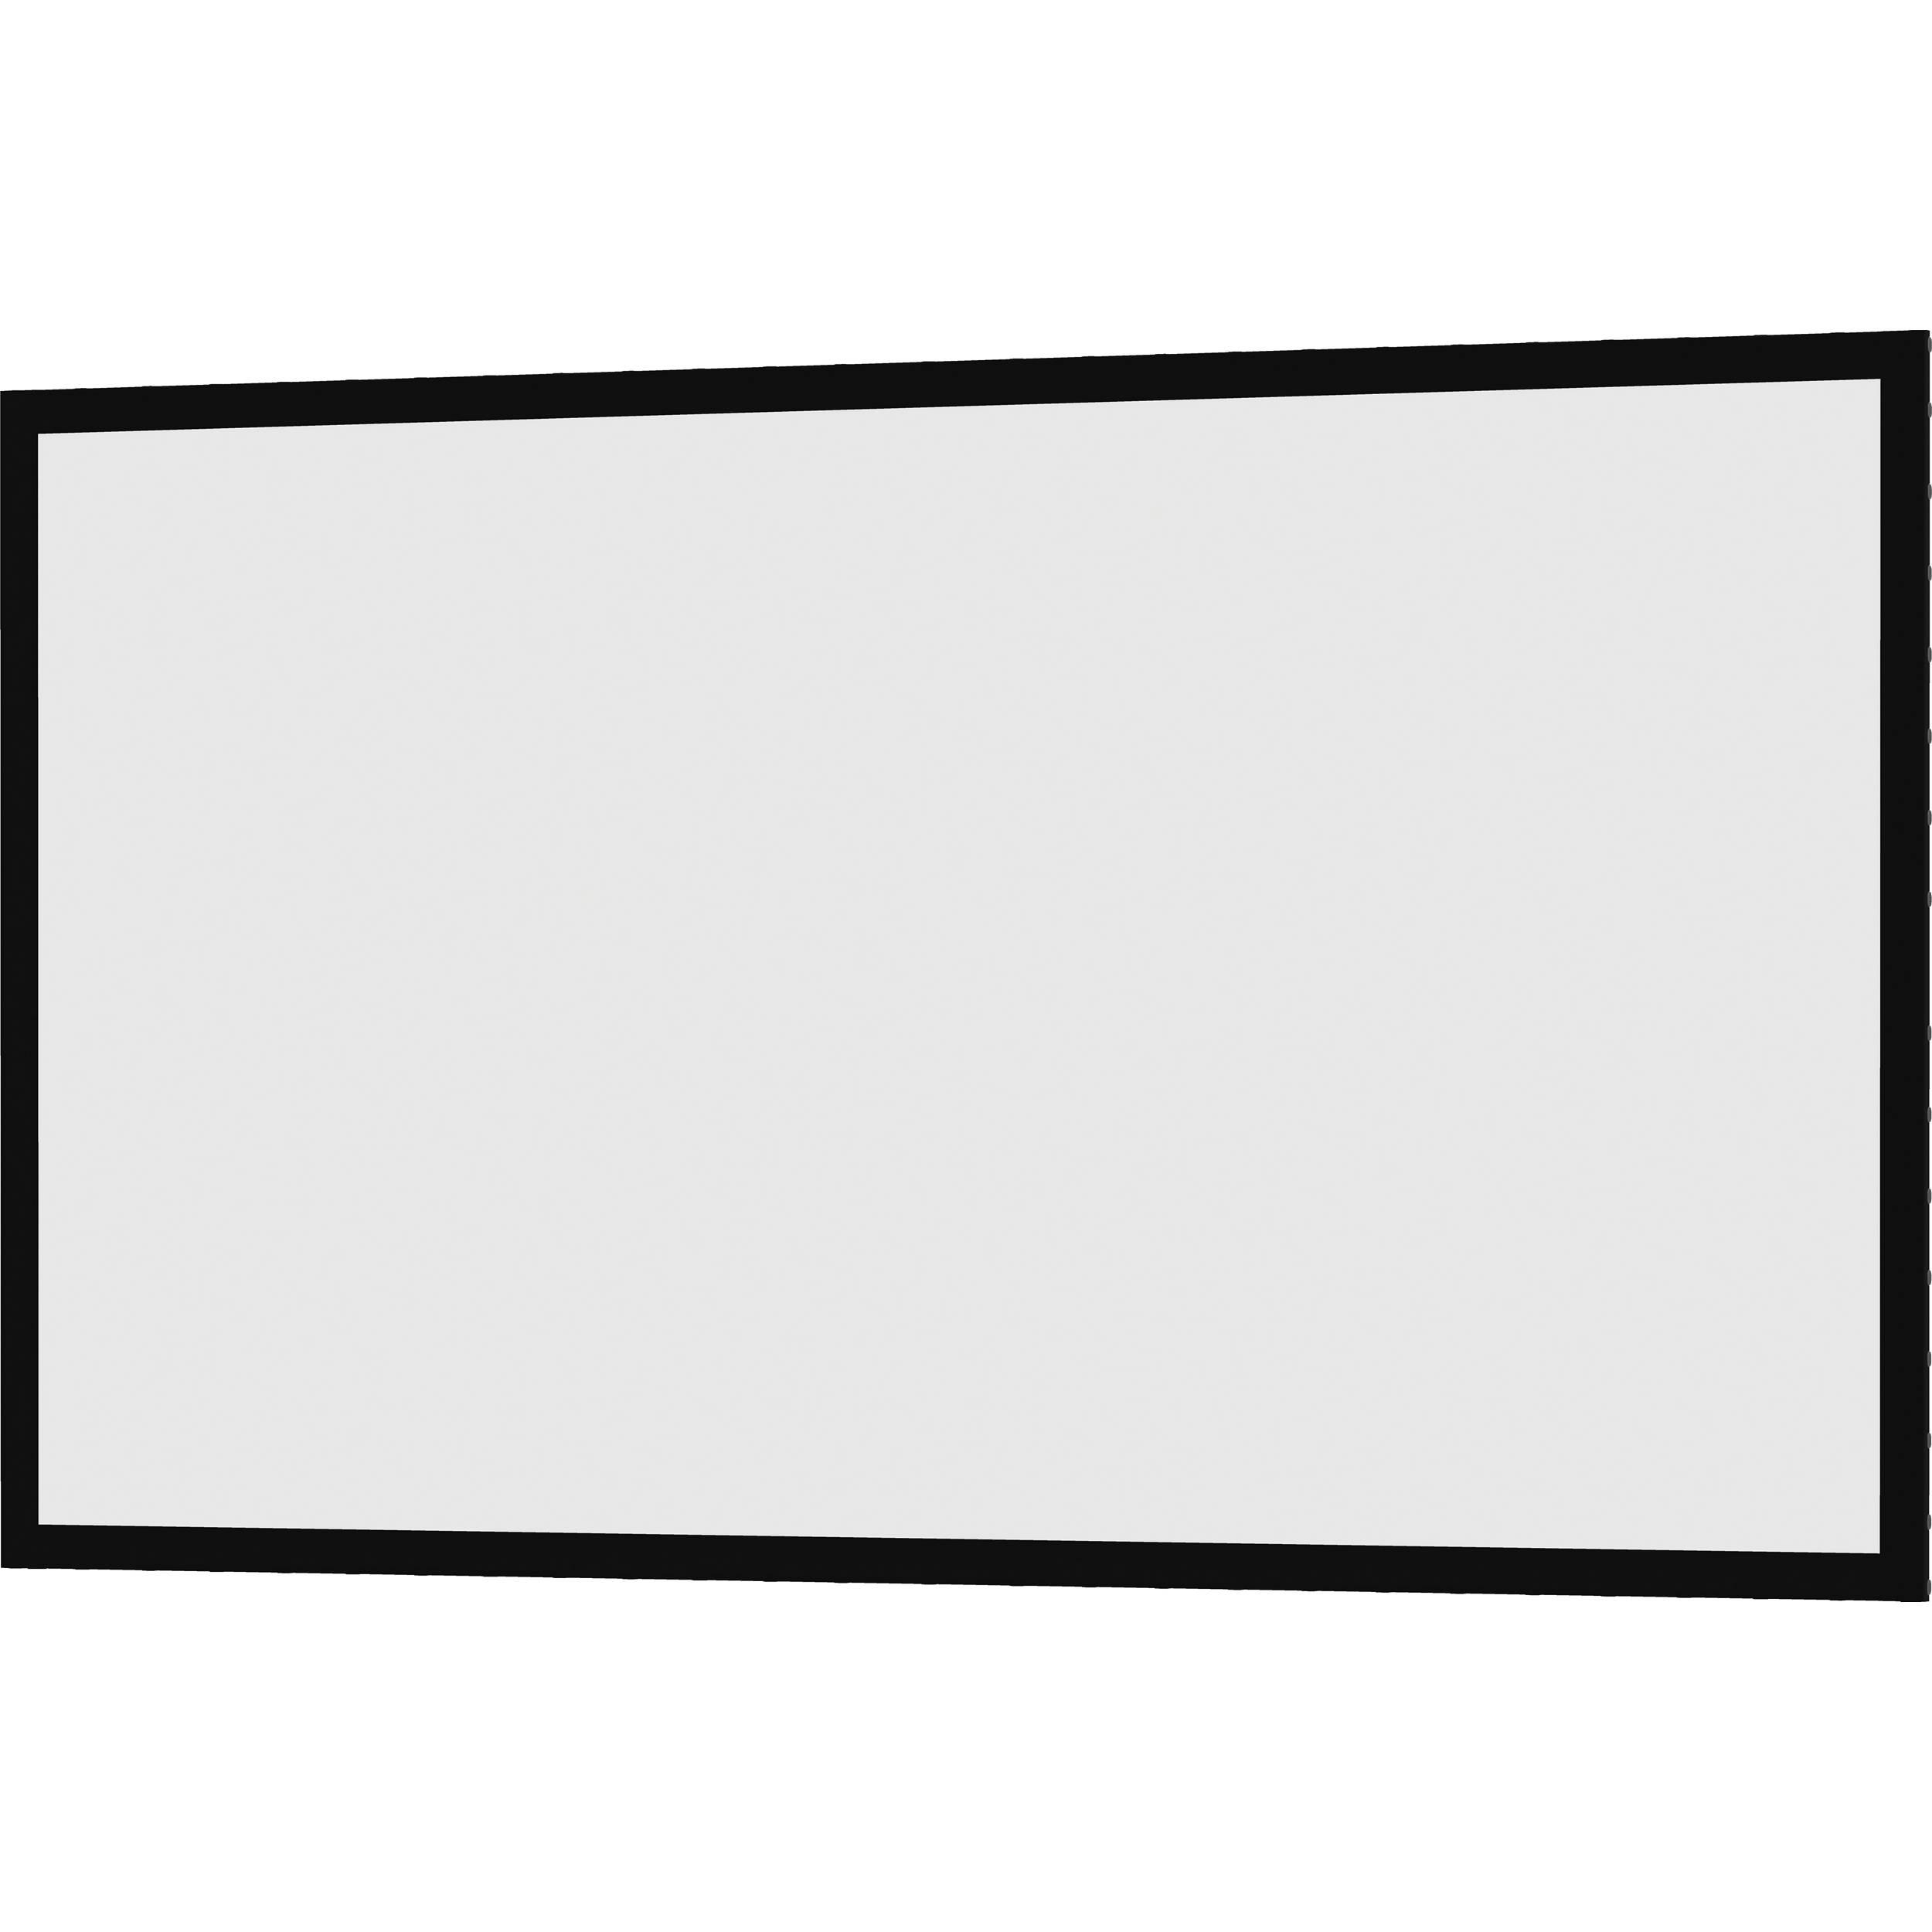 Da-Lite NLV108X192 9 x 16\' Screen Surface NLV108X192 B&H Photo